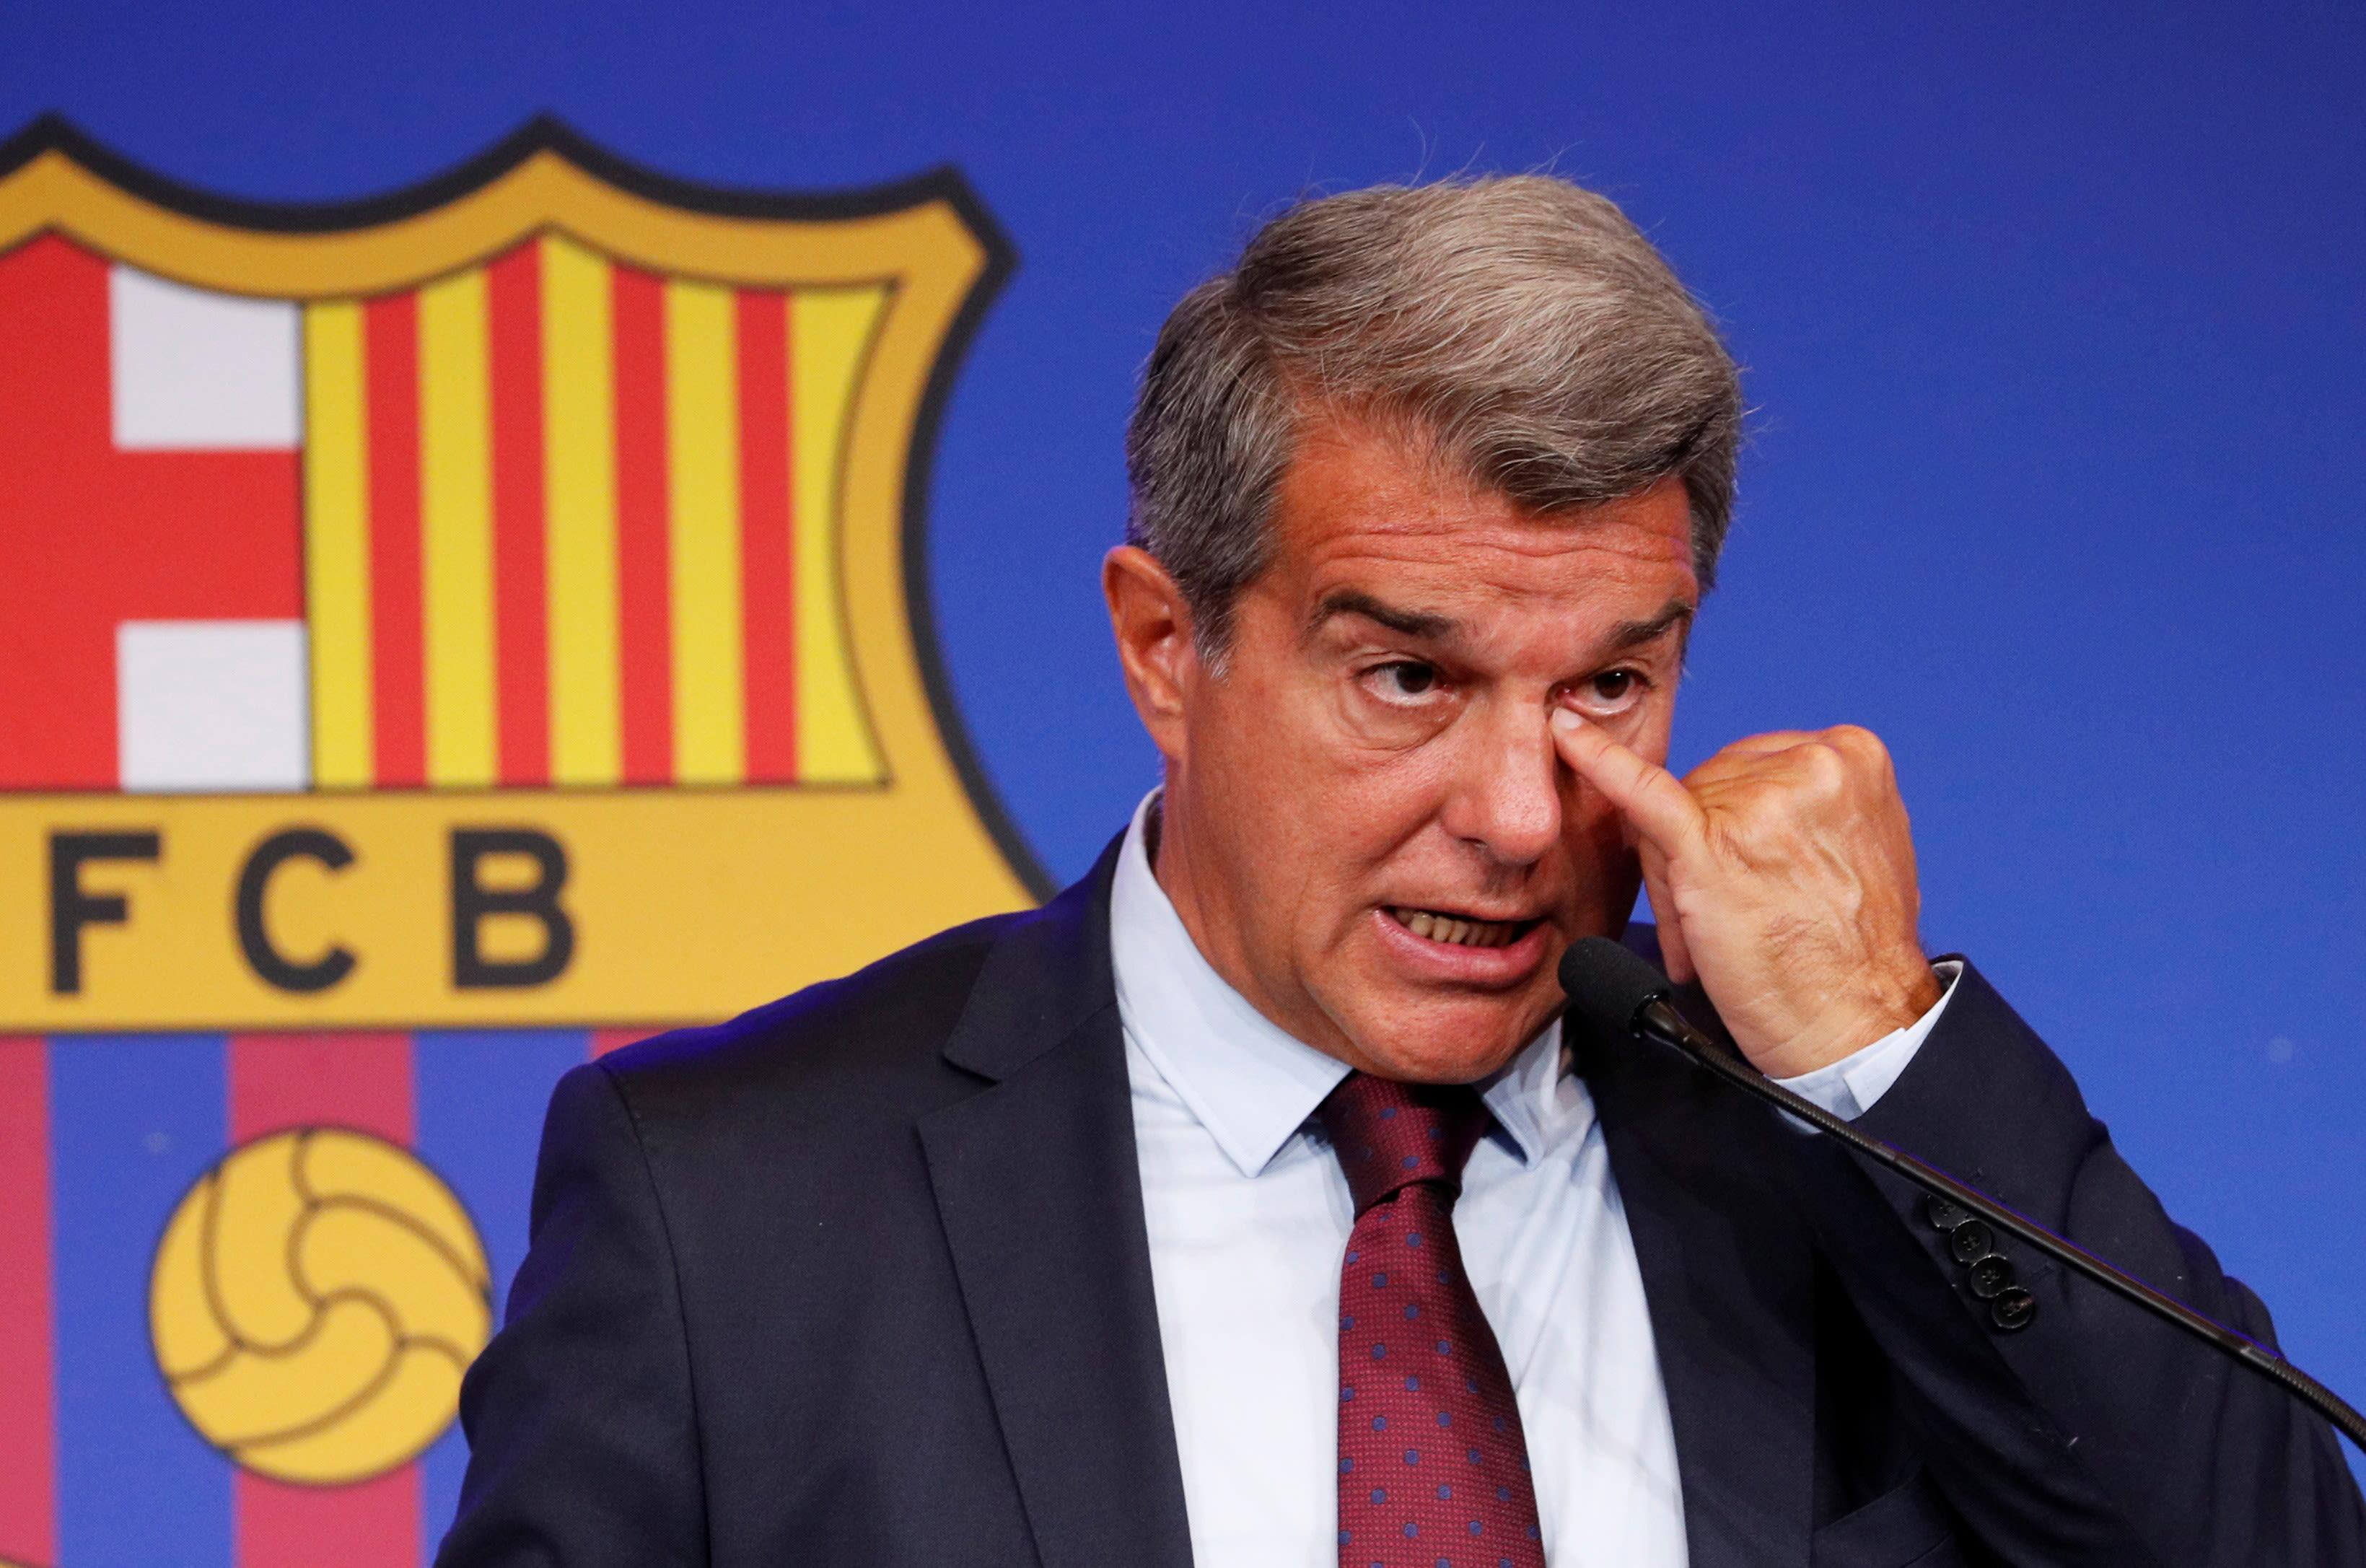 נשיא ברצלונה, ז'ואן לאפורטה